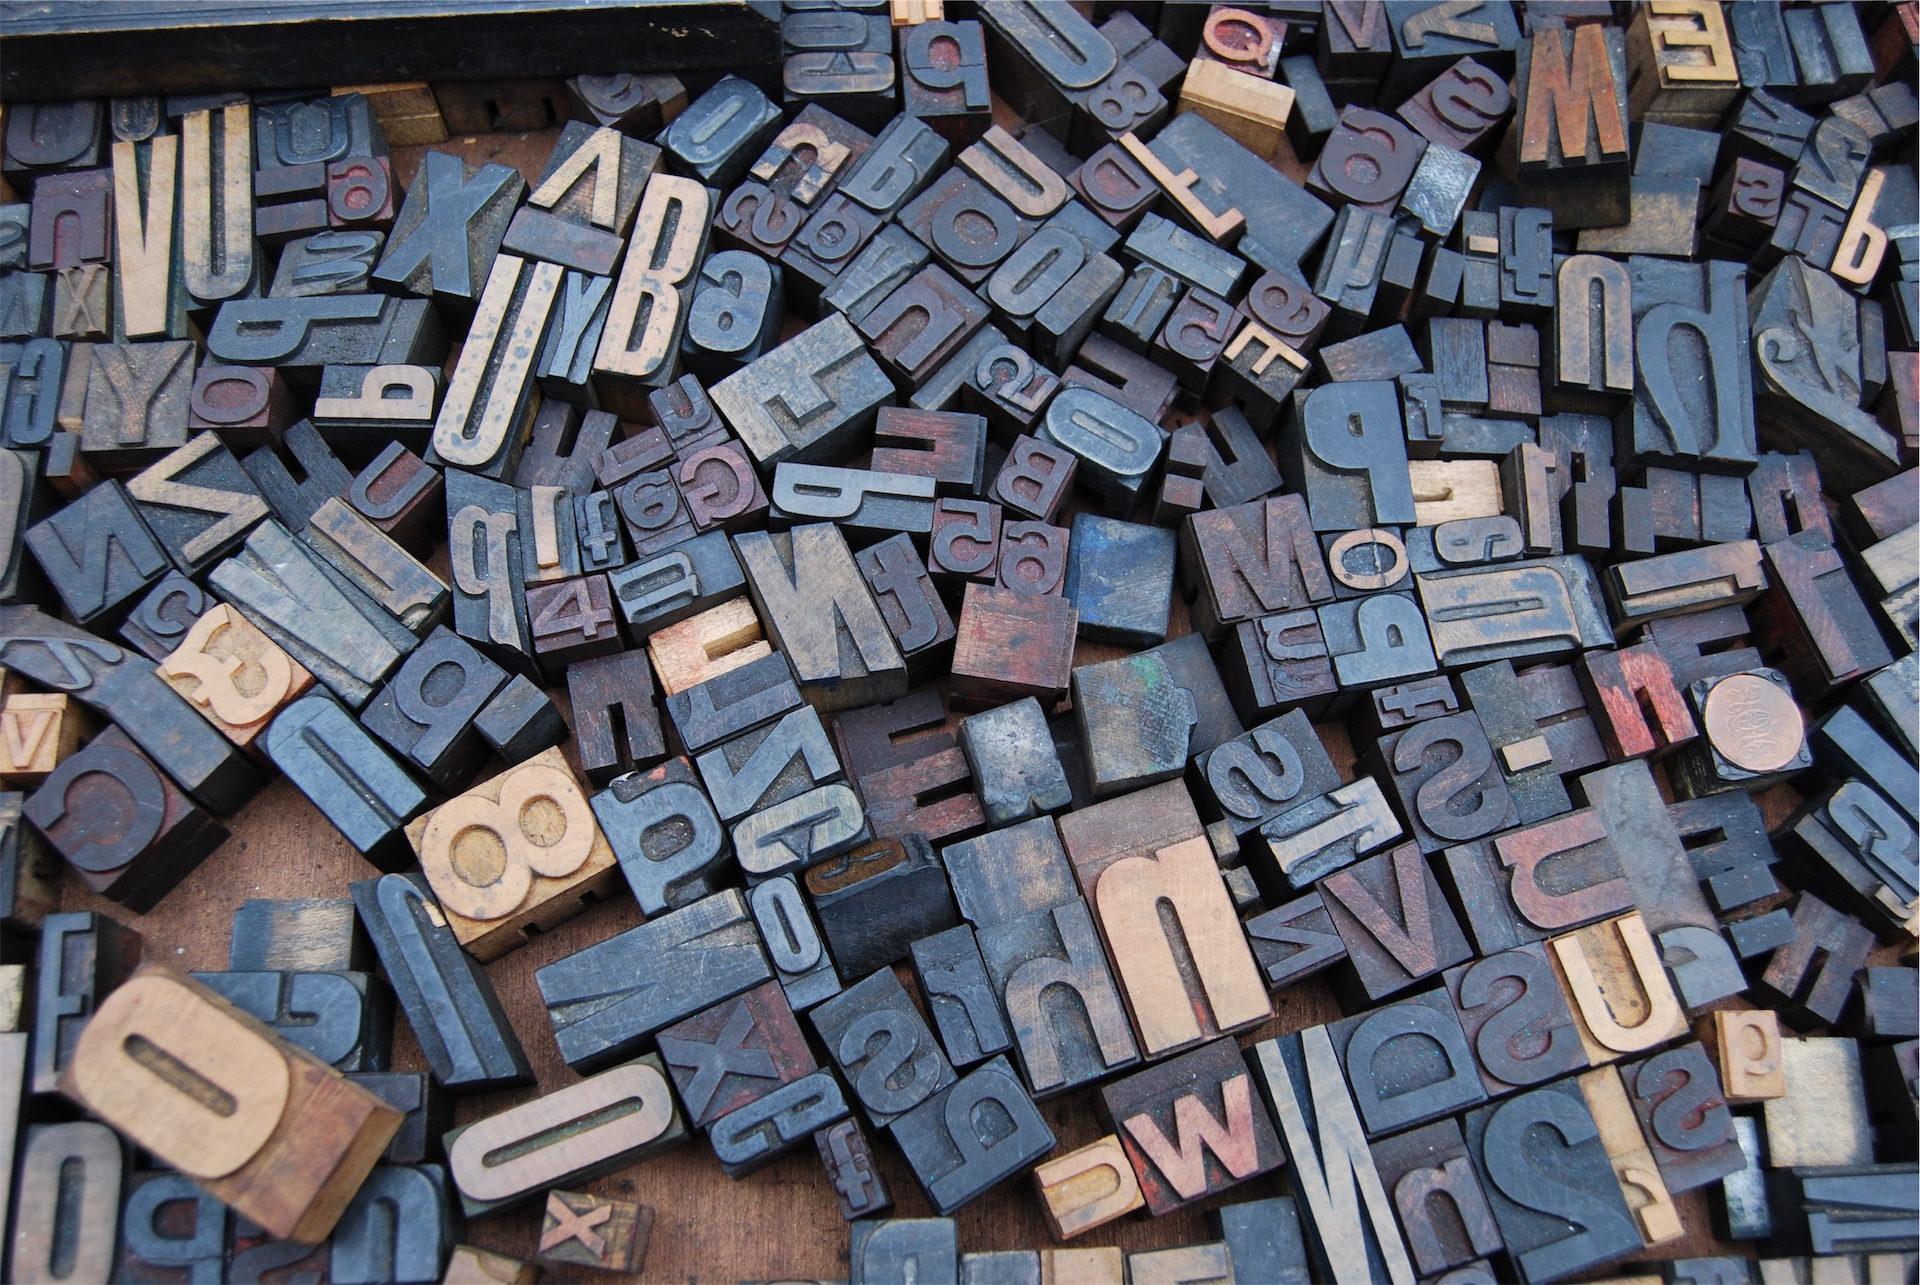 歌詞, 木材, símbolos, alfabeto, ブロック - HD の壁紙 - 教授-falken.com